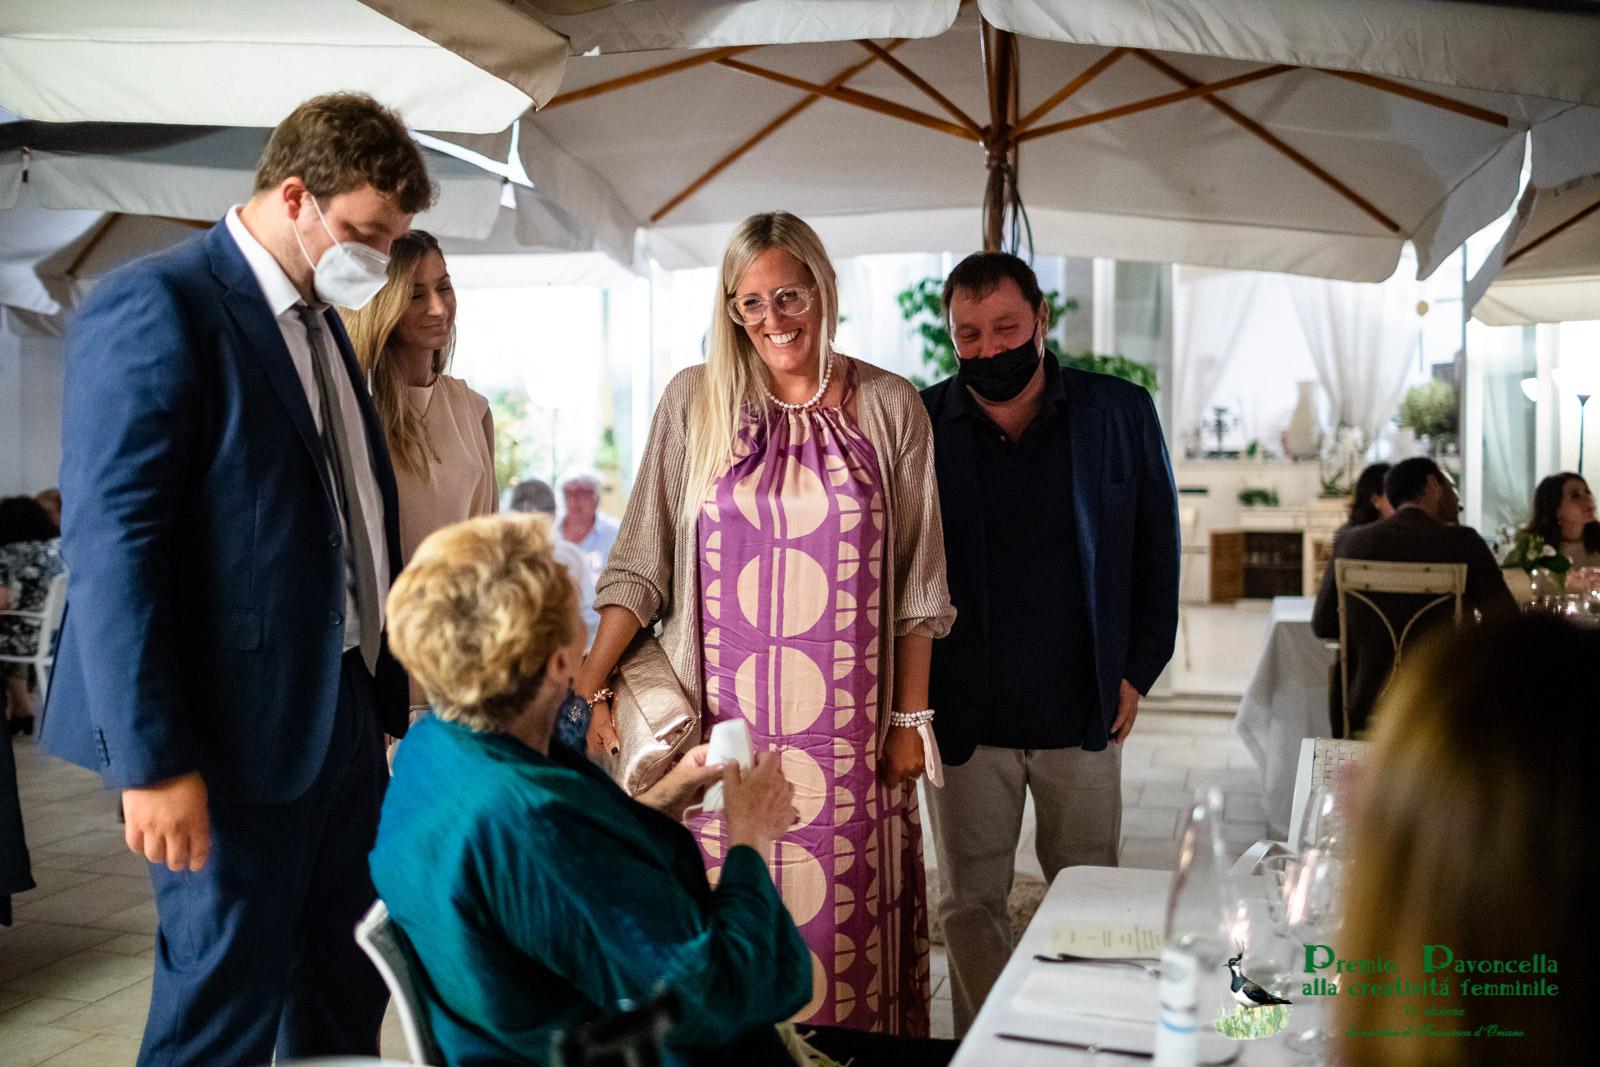 Francesca d'Oriano con Gaia Gentile, responsabile sezione letteraria del Pavoncella